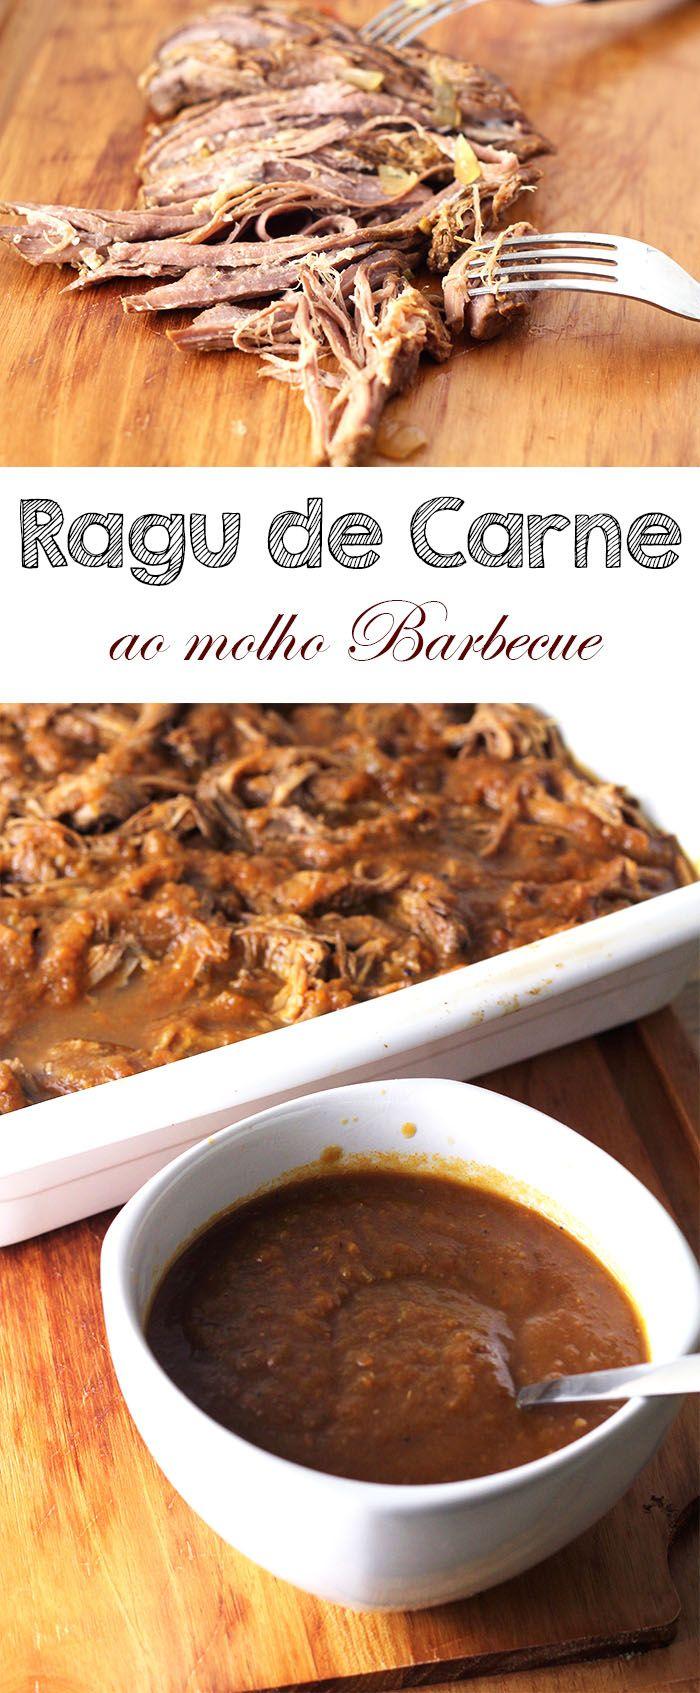 RAGU CARNE BOVINA COM MOLHO BARBECUE -- Receita de Ragu de Carne Bovina. Cozido lentamente com um toque de molho barbecue feito com o próprio molho do cozimento. Perfeito para sanduíches   temperando.com #receita #slowcook #ragudecarne